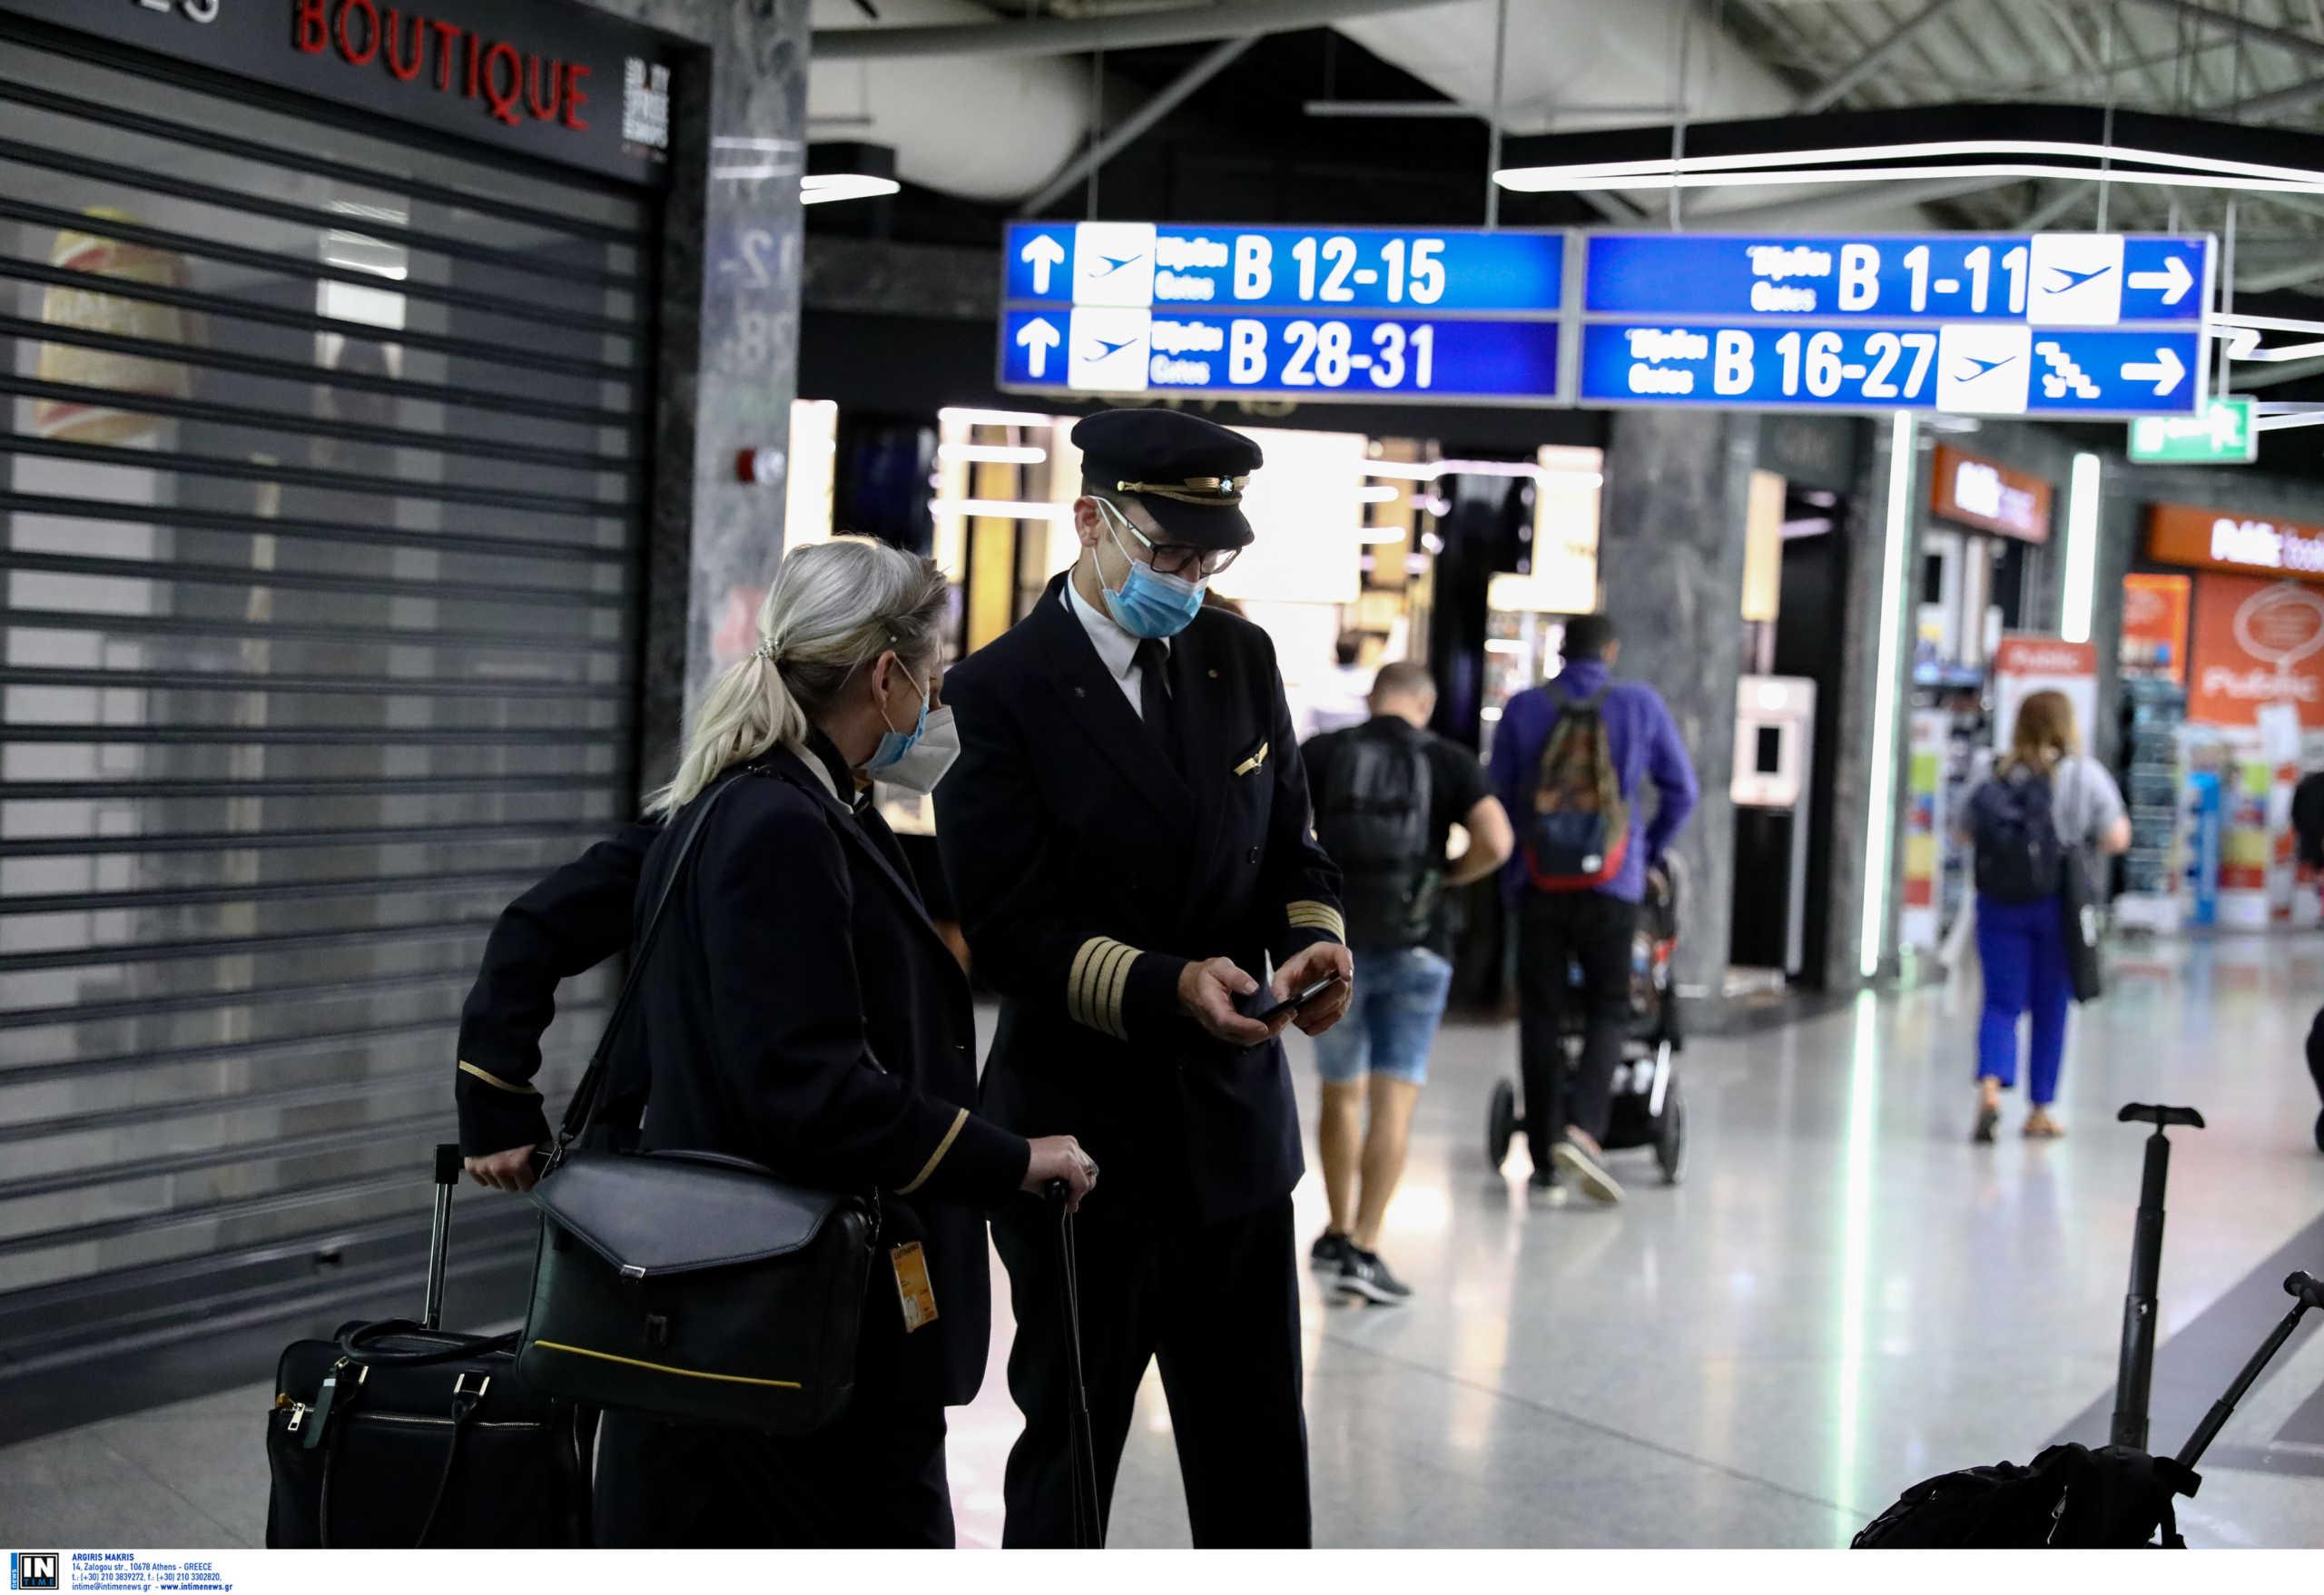 ΥΠΑ: Νέα Notam για όσους έρχονται από Ισραήλ – Είσοδος μόνο με αρνητικό τεστ κορονοϊού